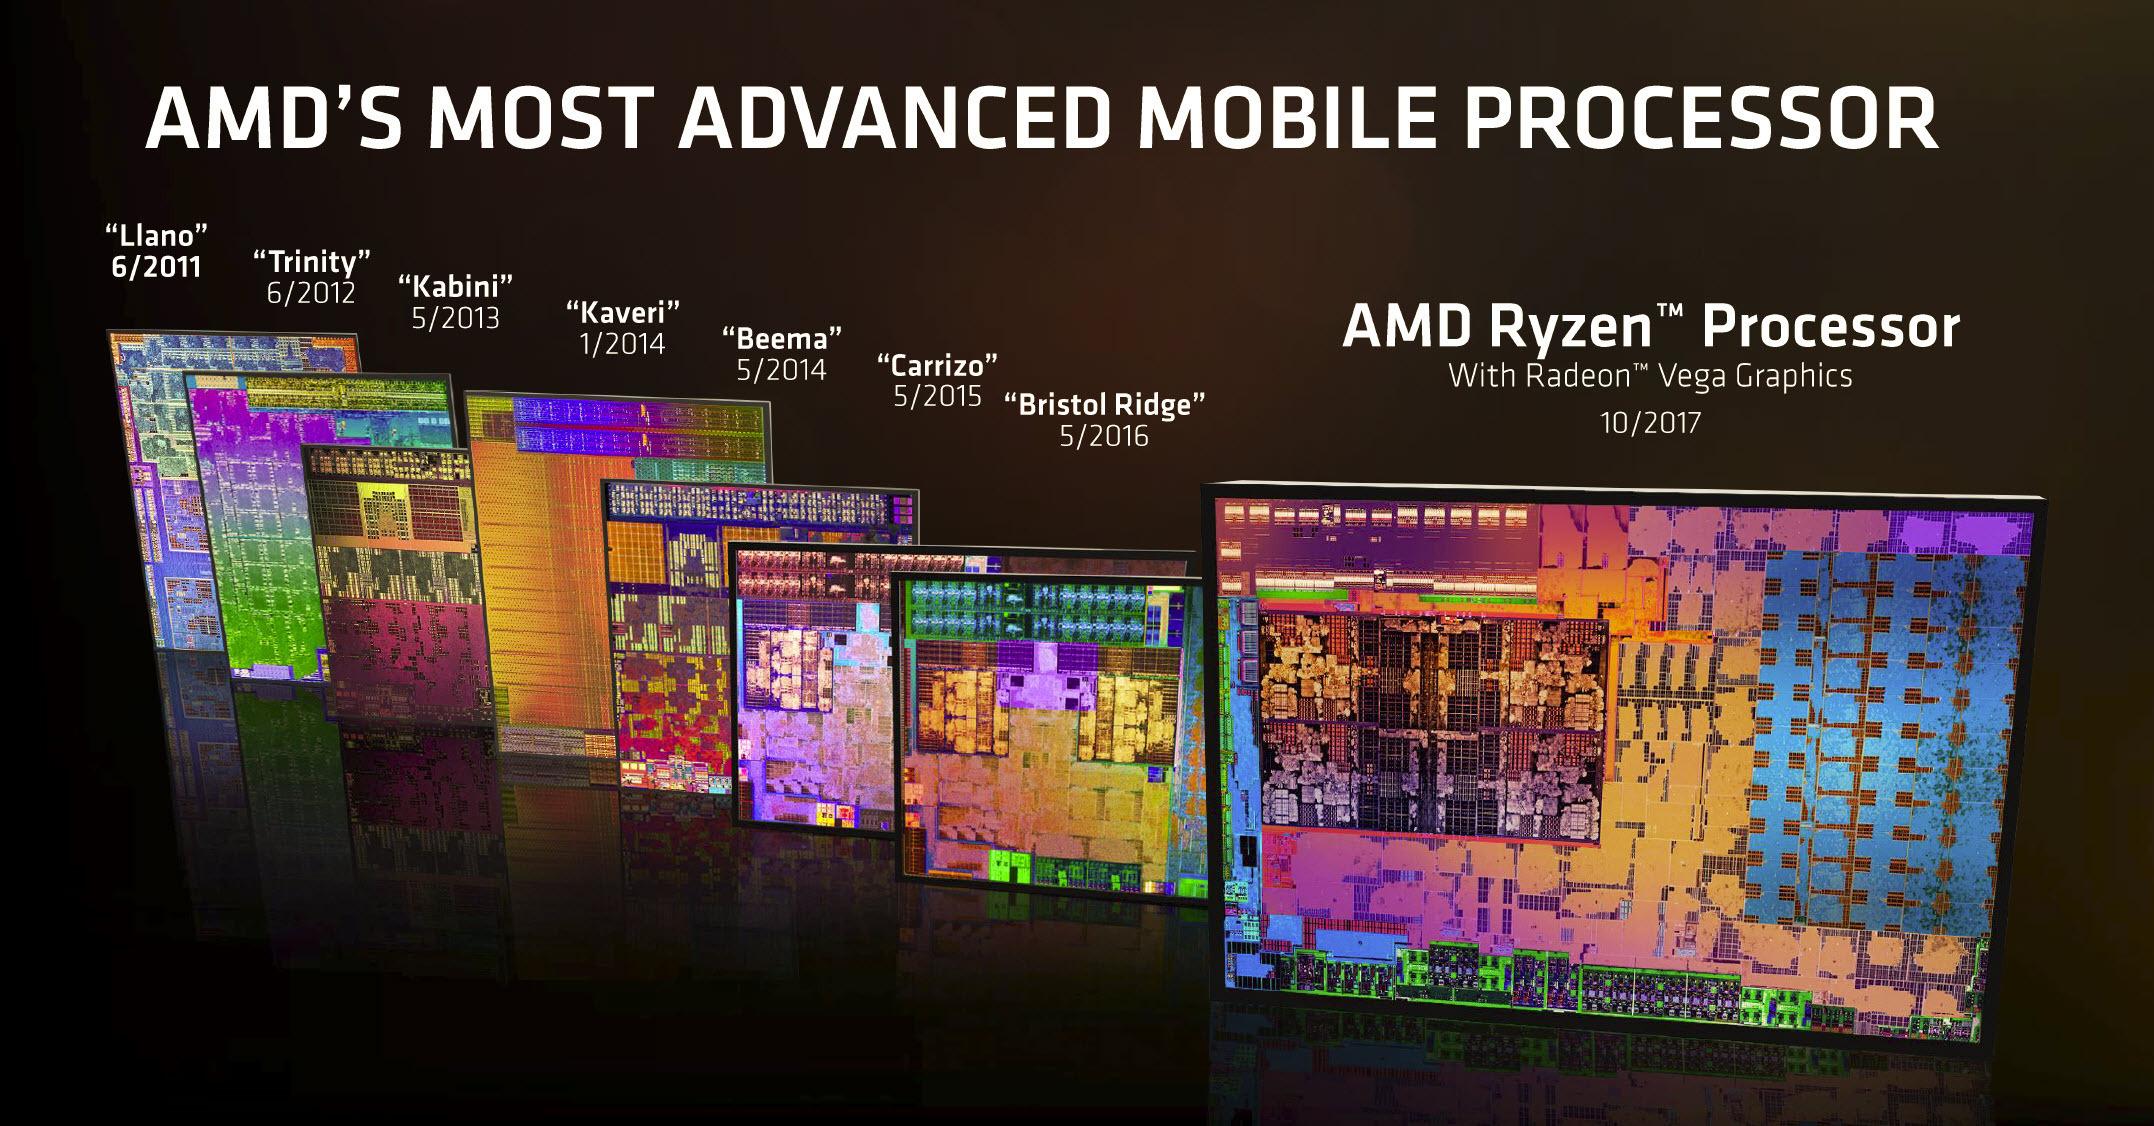 8세대 APU는 인텔의 코어 시리즈 CPU의 경쟁 상대가 될 가장 큰 가능성을 가지고 있다.